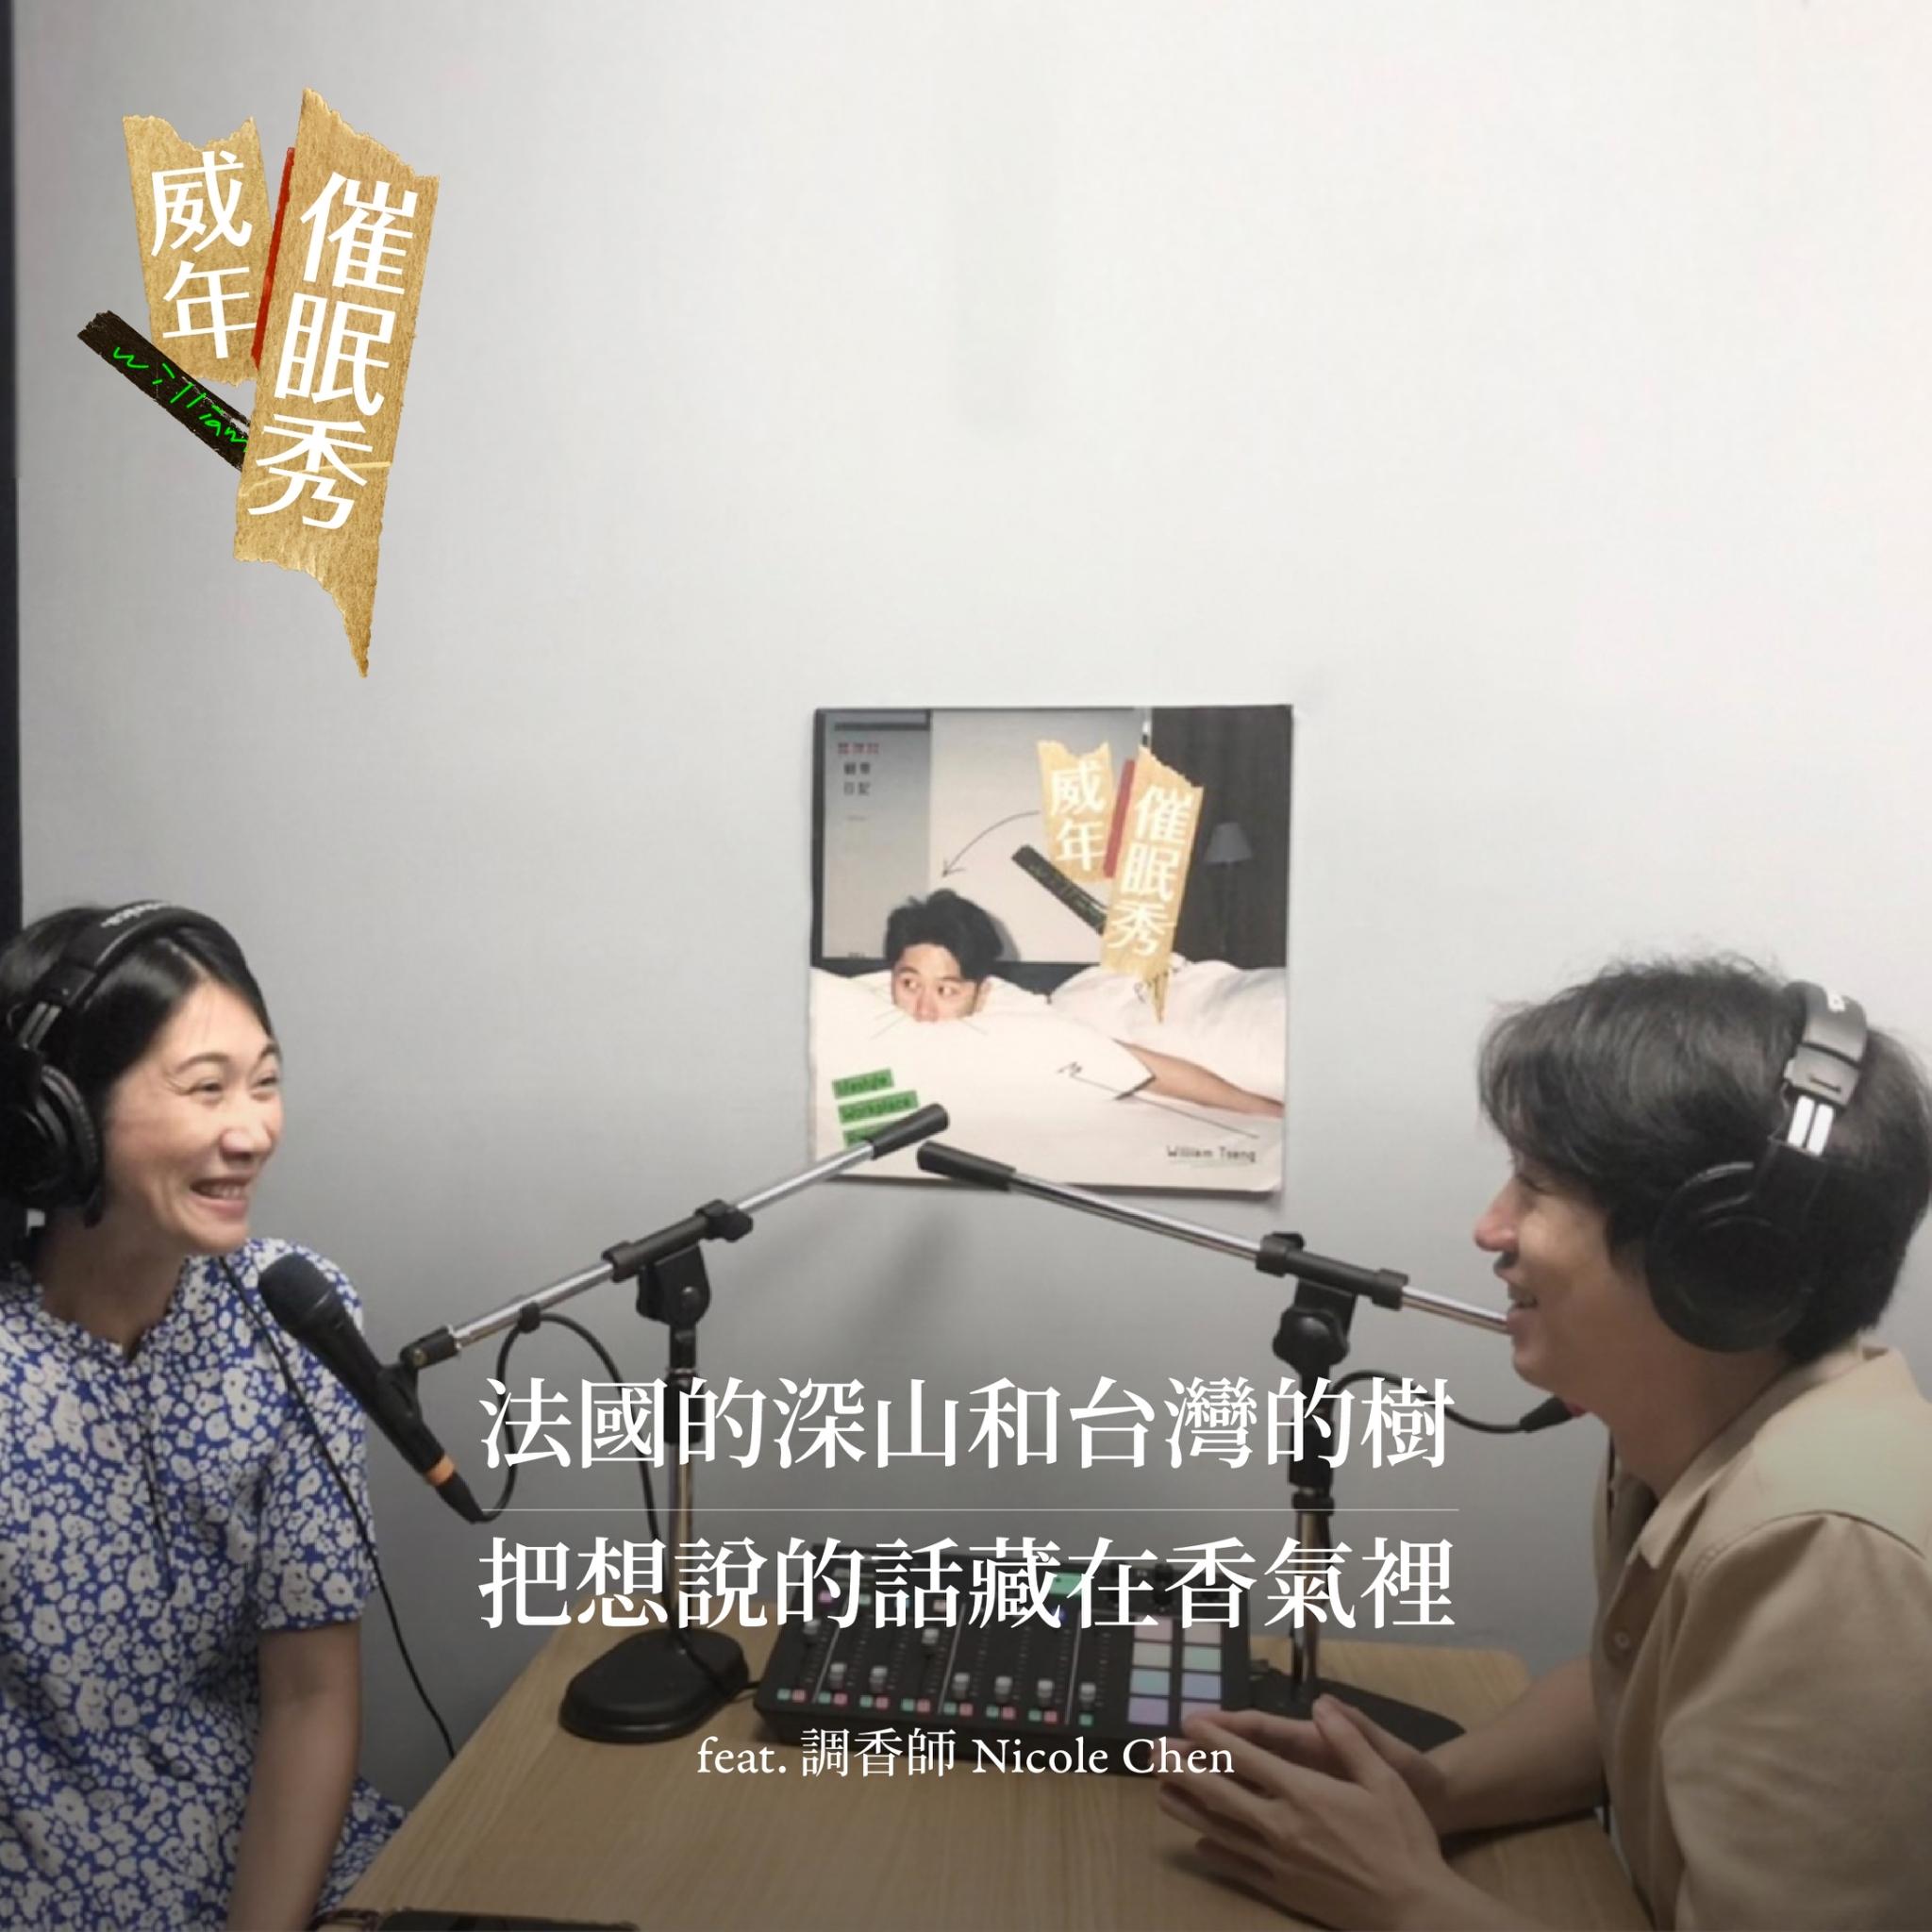 S01E21|談生活:「法國的深山和台灣的樹,把想說的話藏在香氣裡。」 feat. 調香師 Nicole Chen